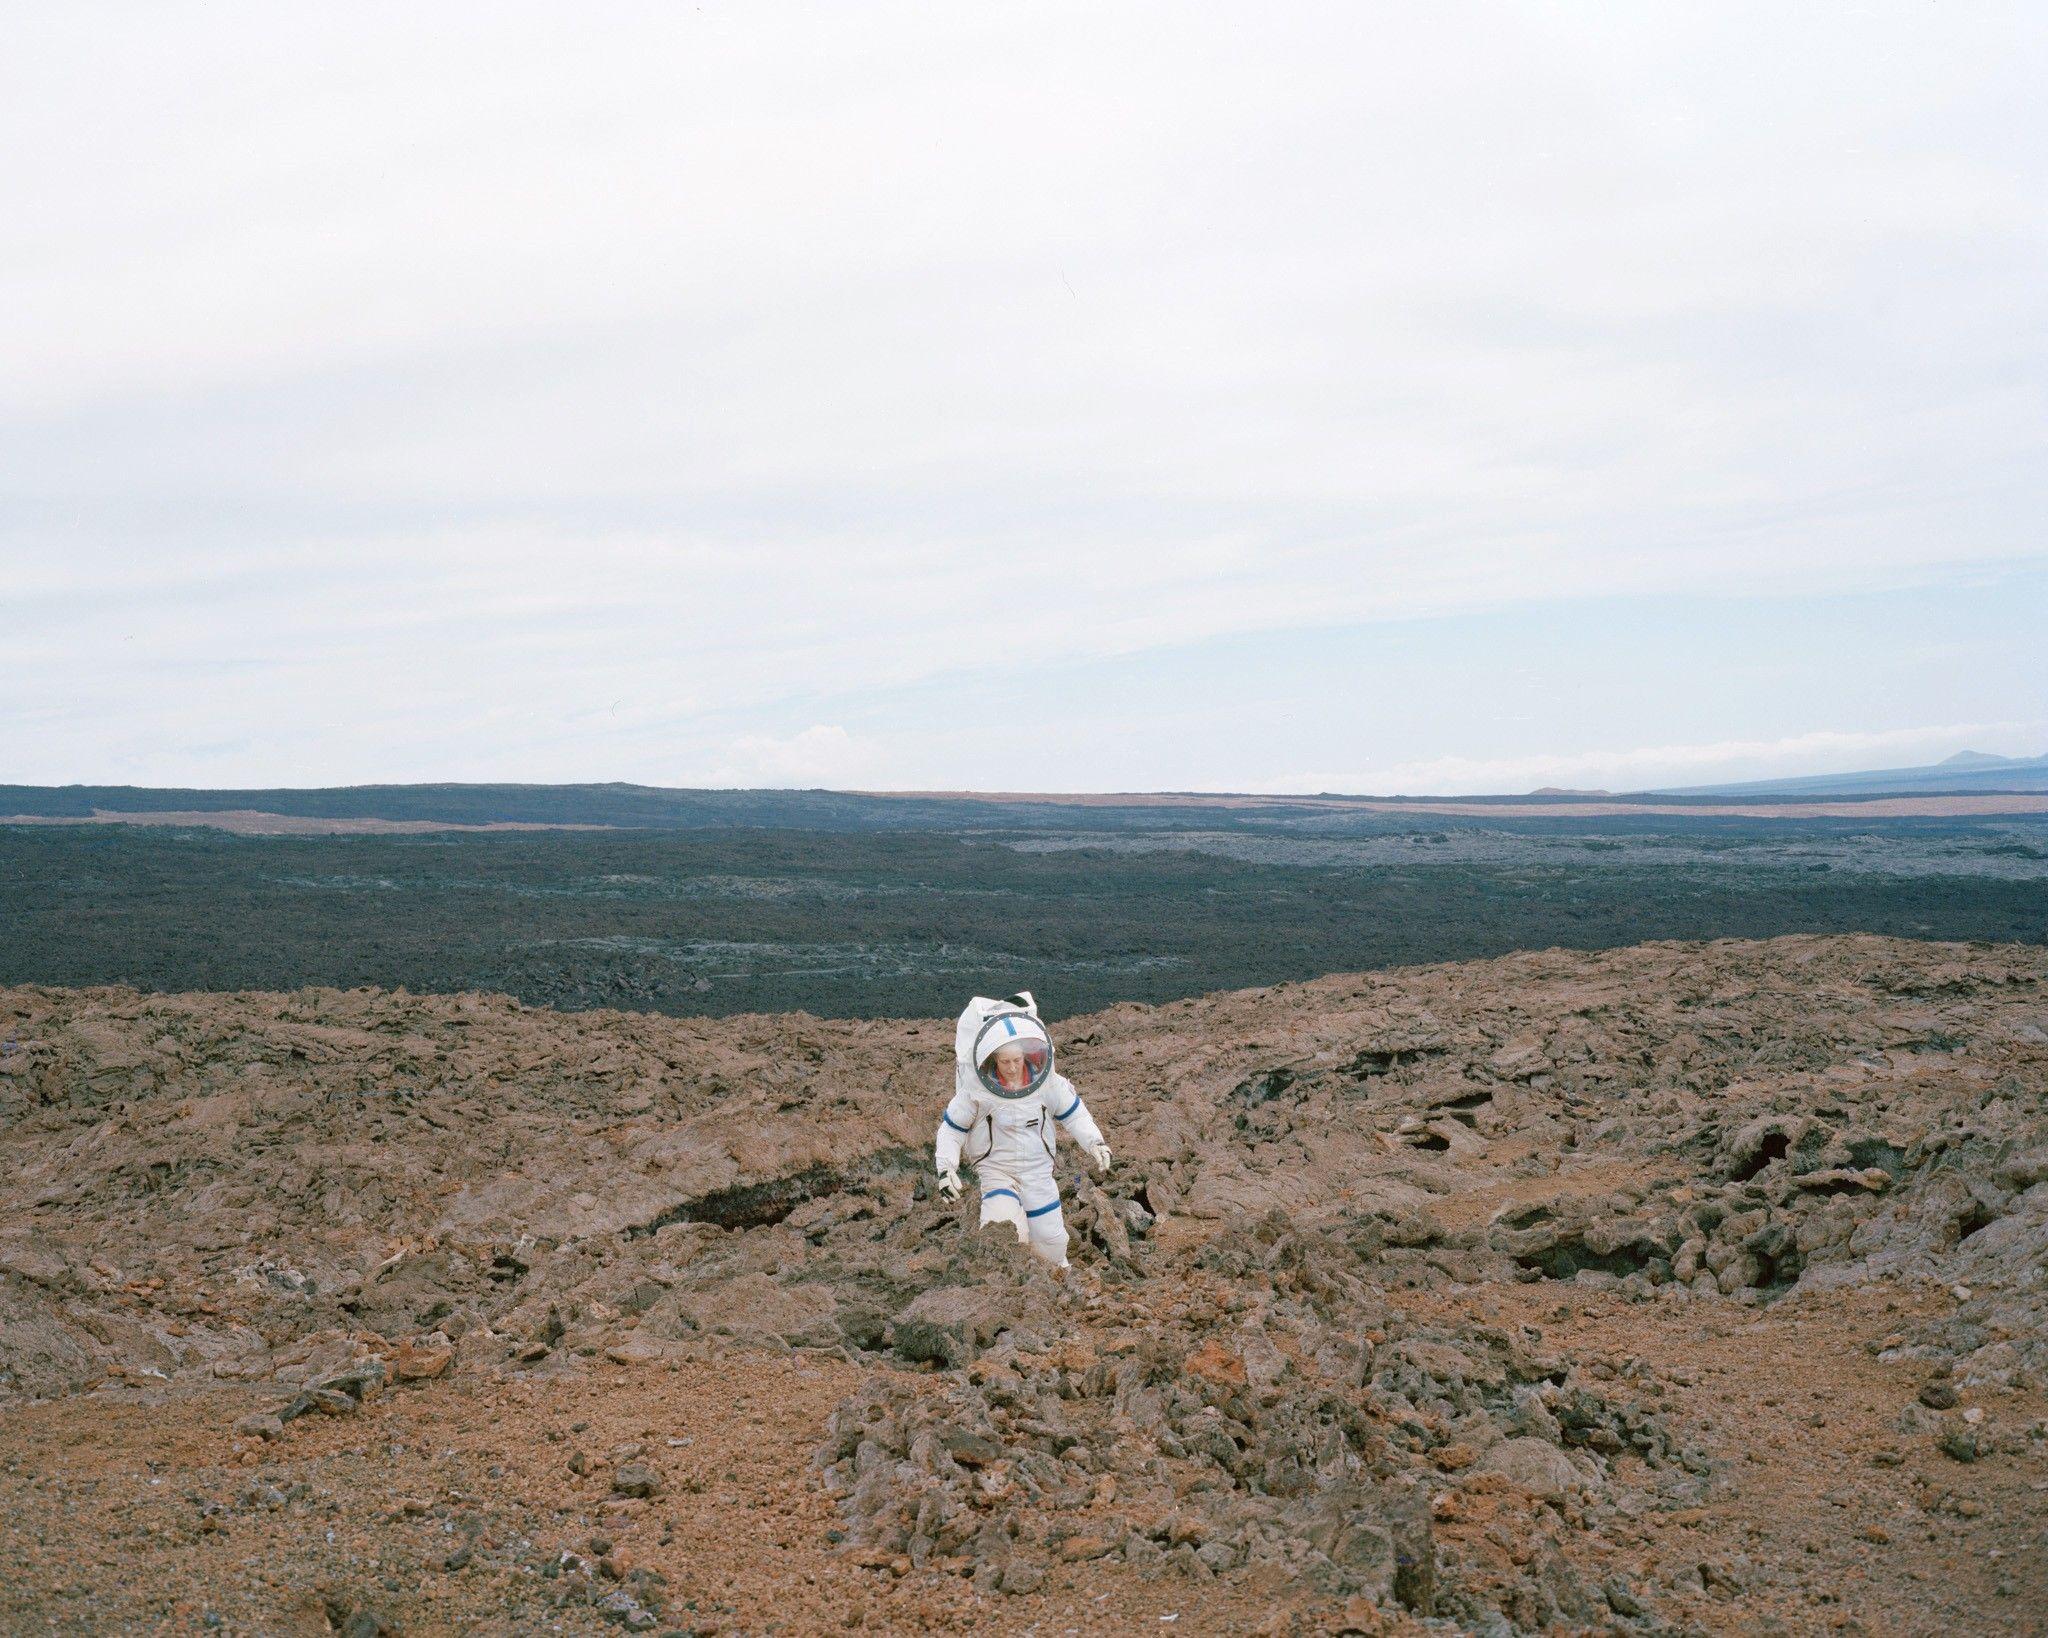 Conheça as equipes que se preparam para a vida em Marte | National Geographic